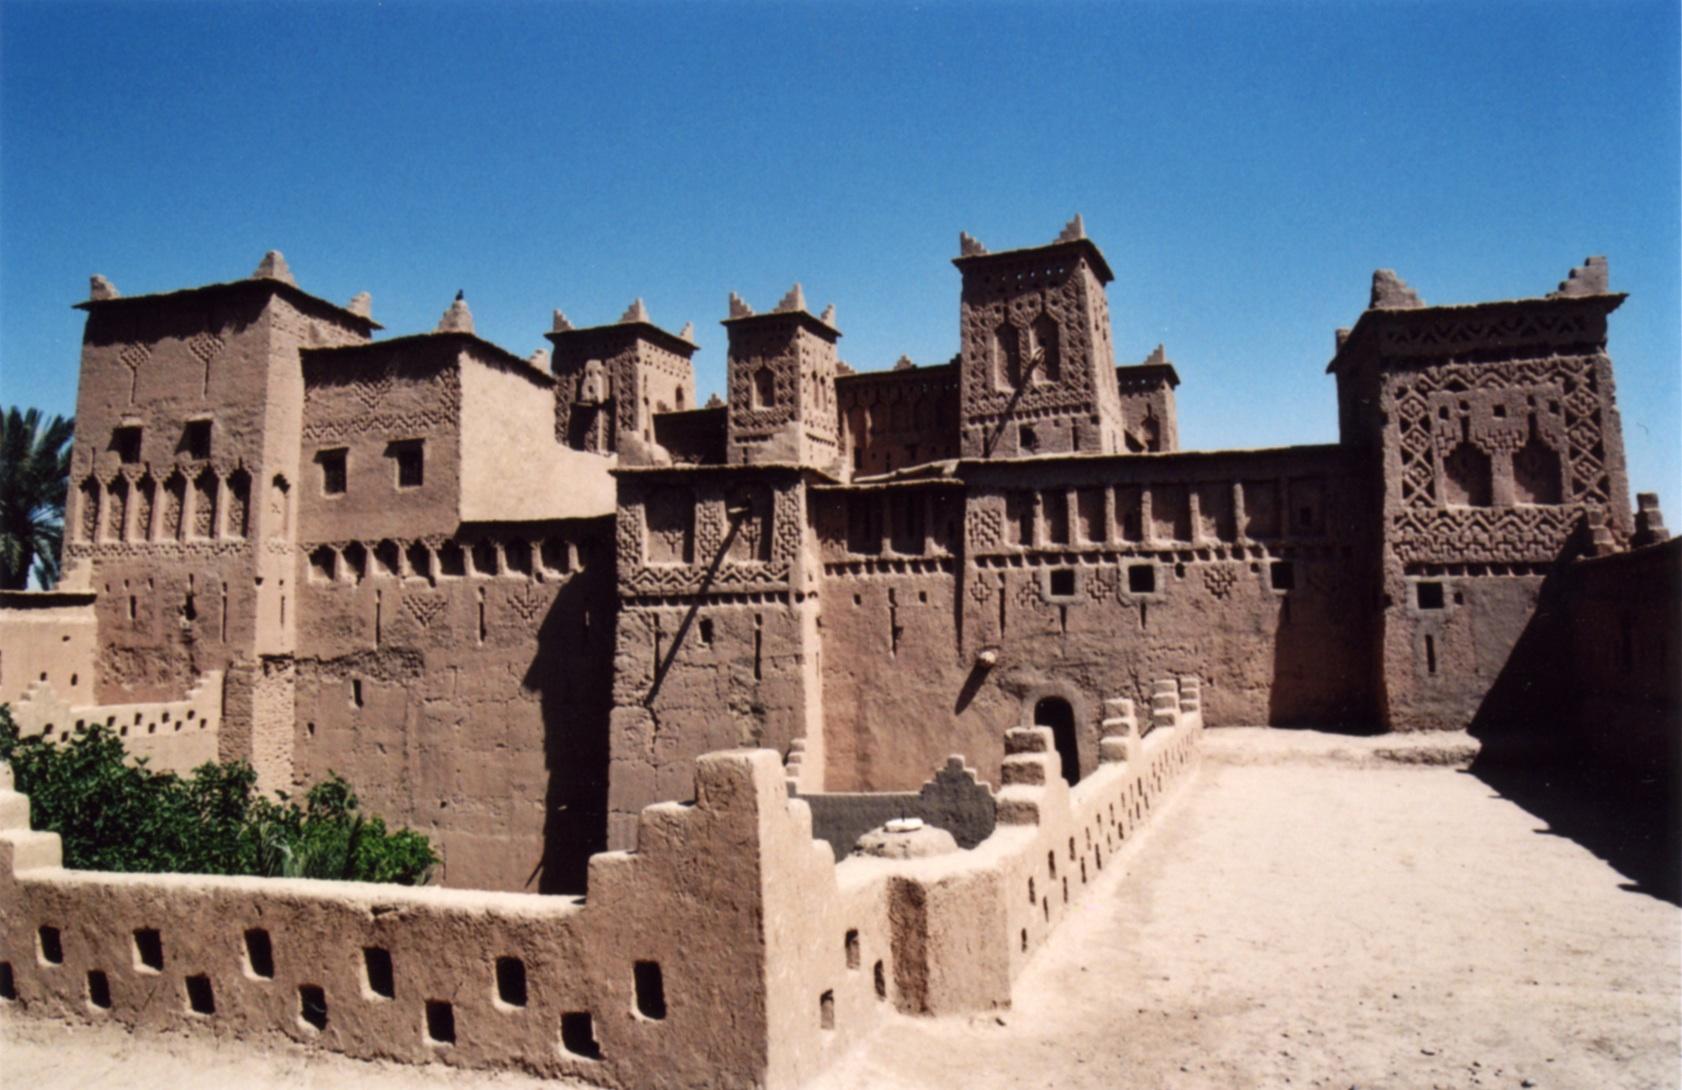 Amridril-cabasa-skoura2-ouarzazate-region